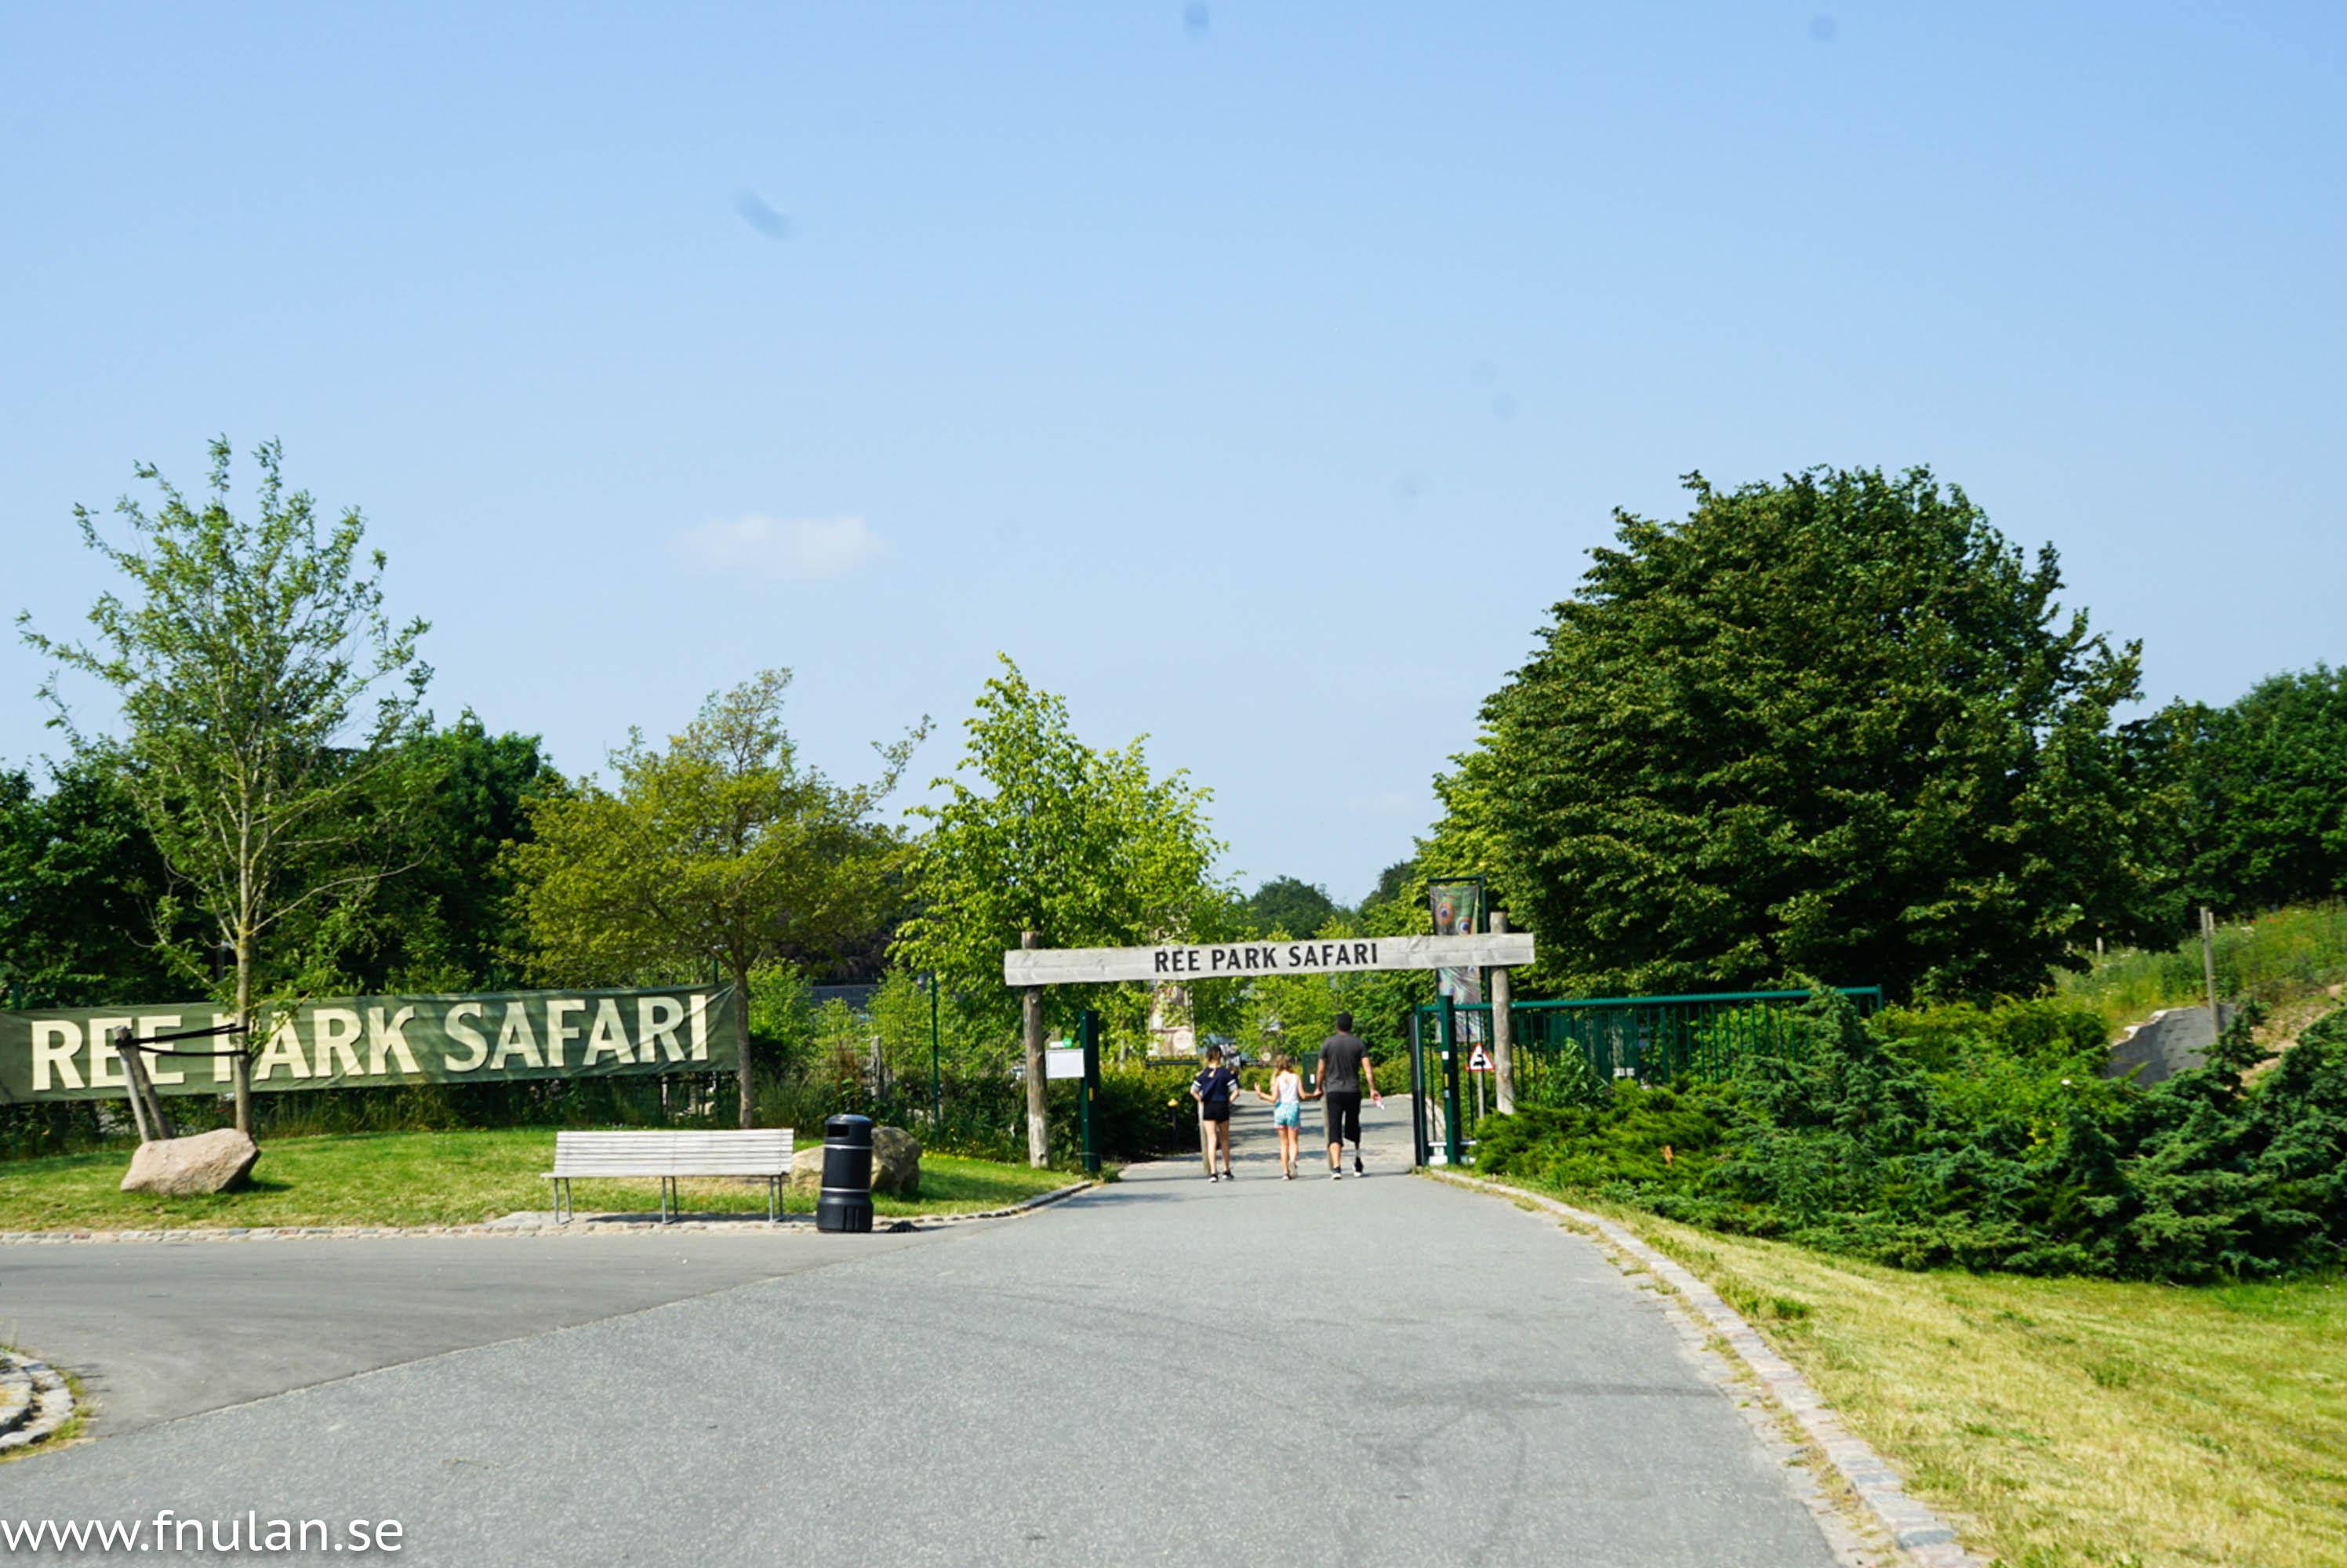 Ree park safari-5